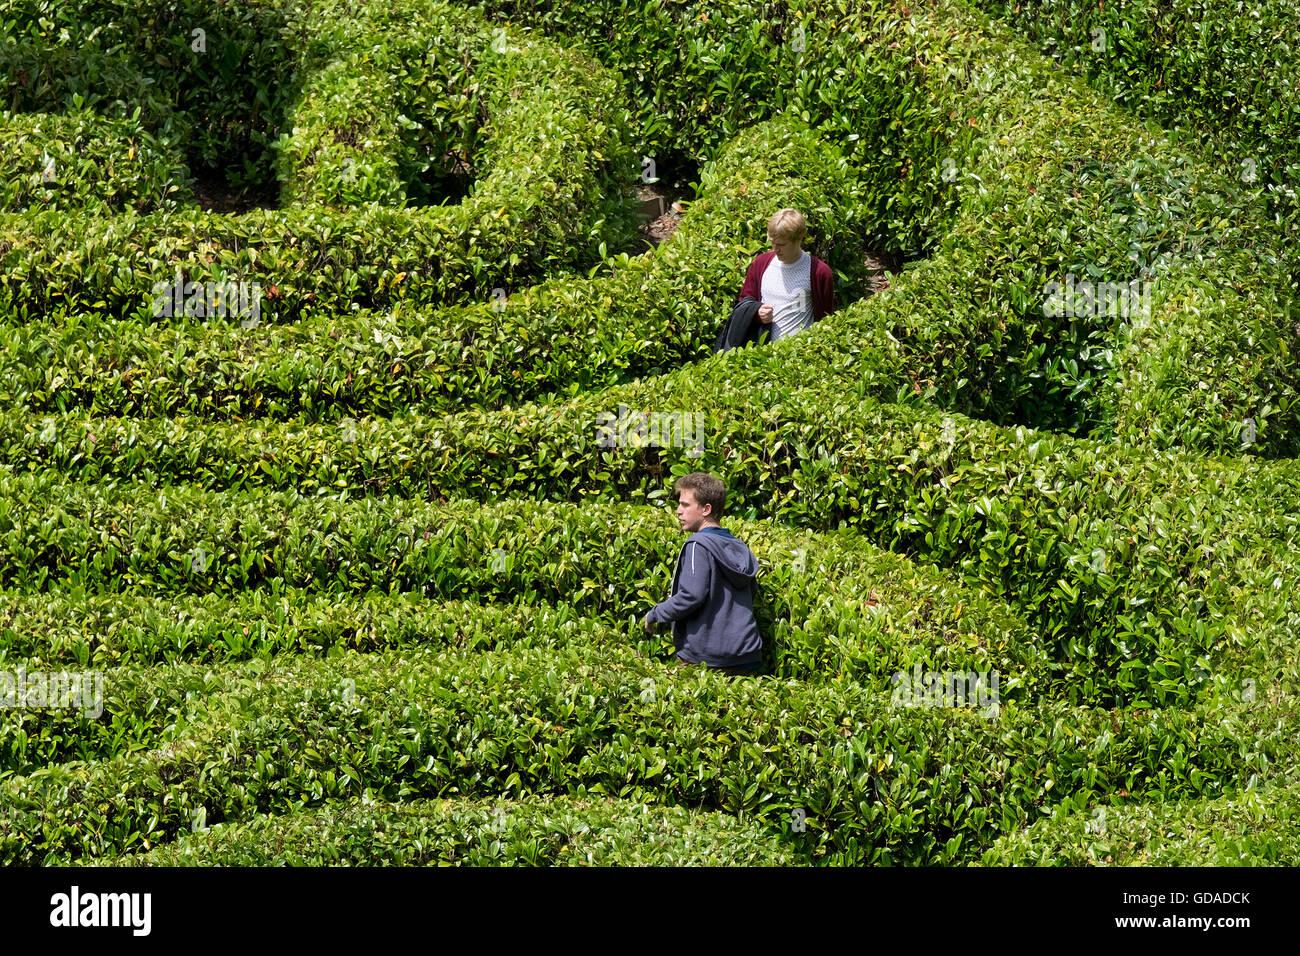 Menschen verloren in einem Labyrinth von Lorbeer. Stockbild